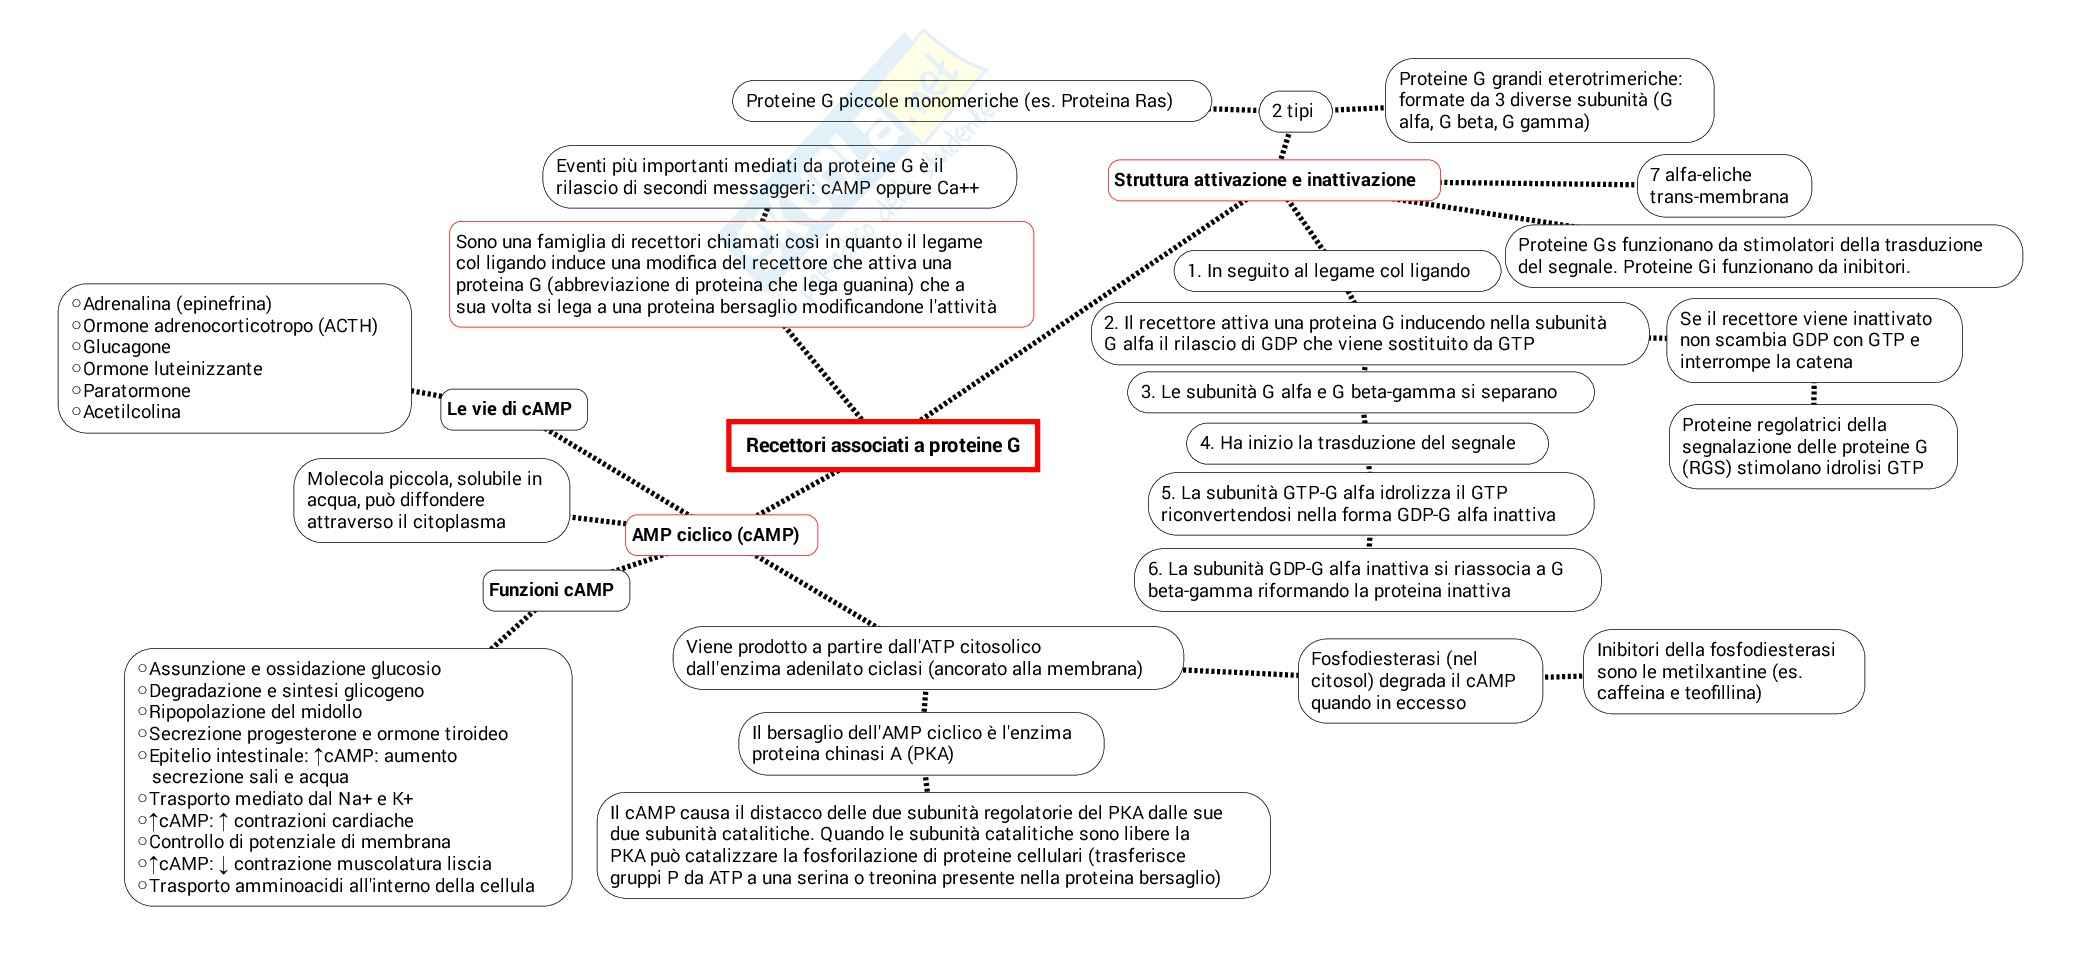 Schema su Messaggeri e recettori pdf